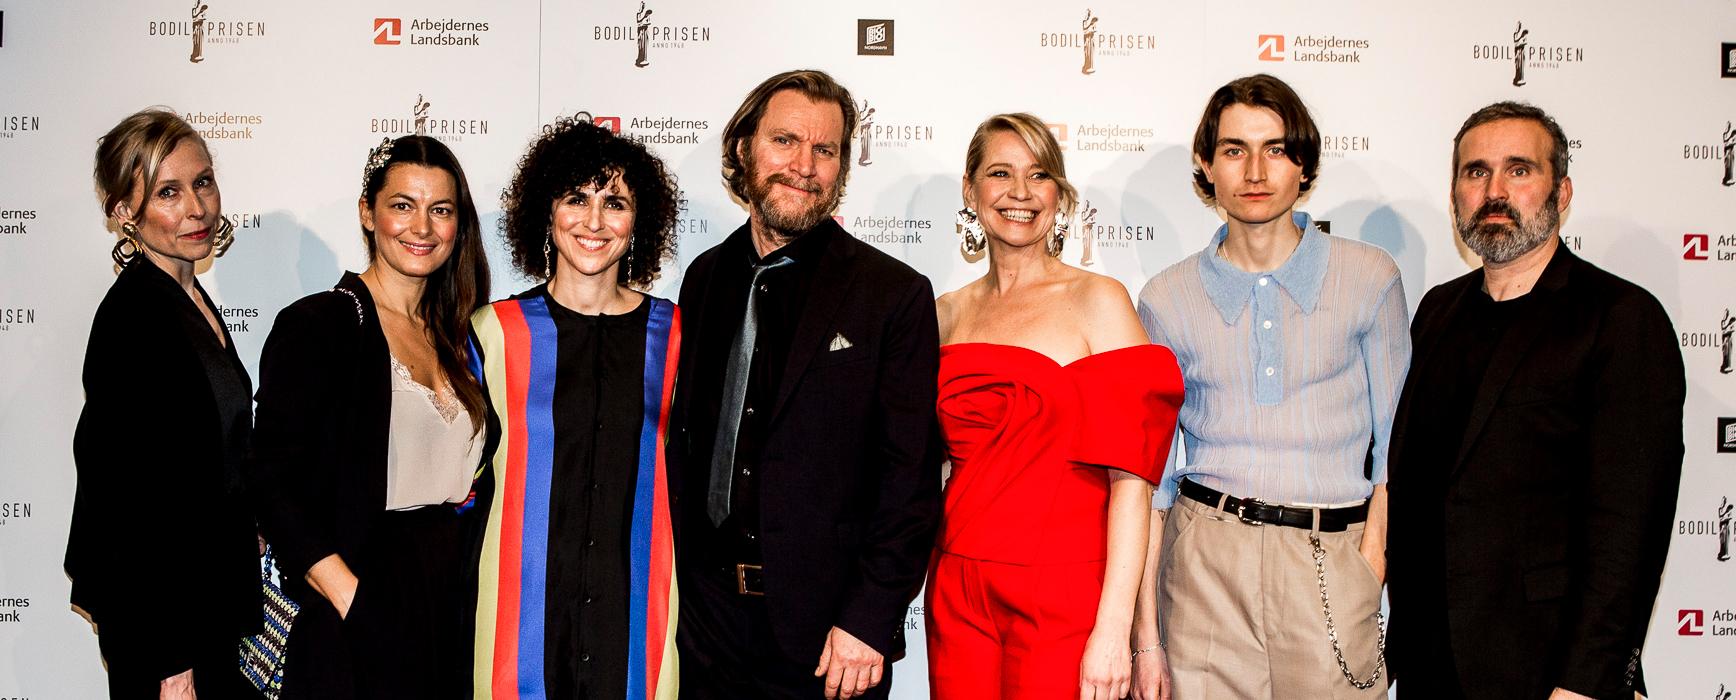 Danske kvindelige skuespillere Dansk film